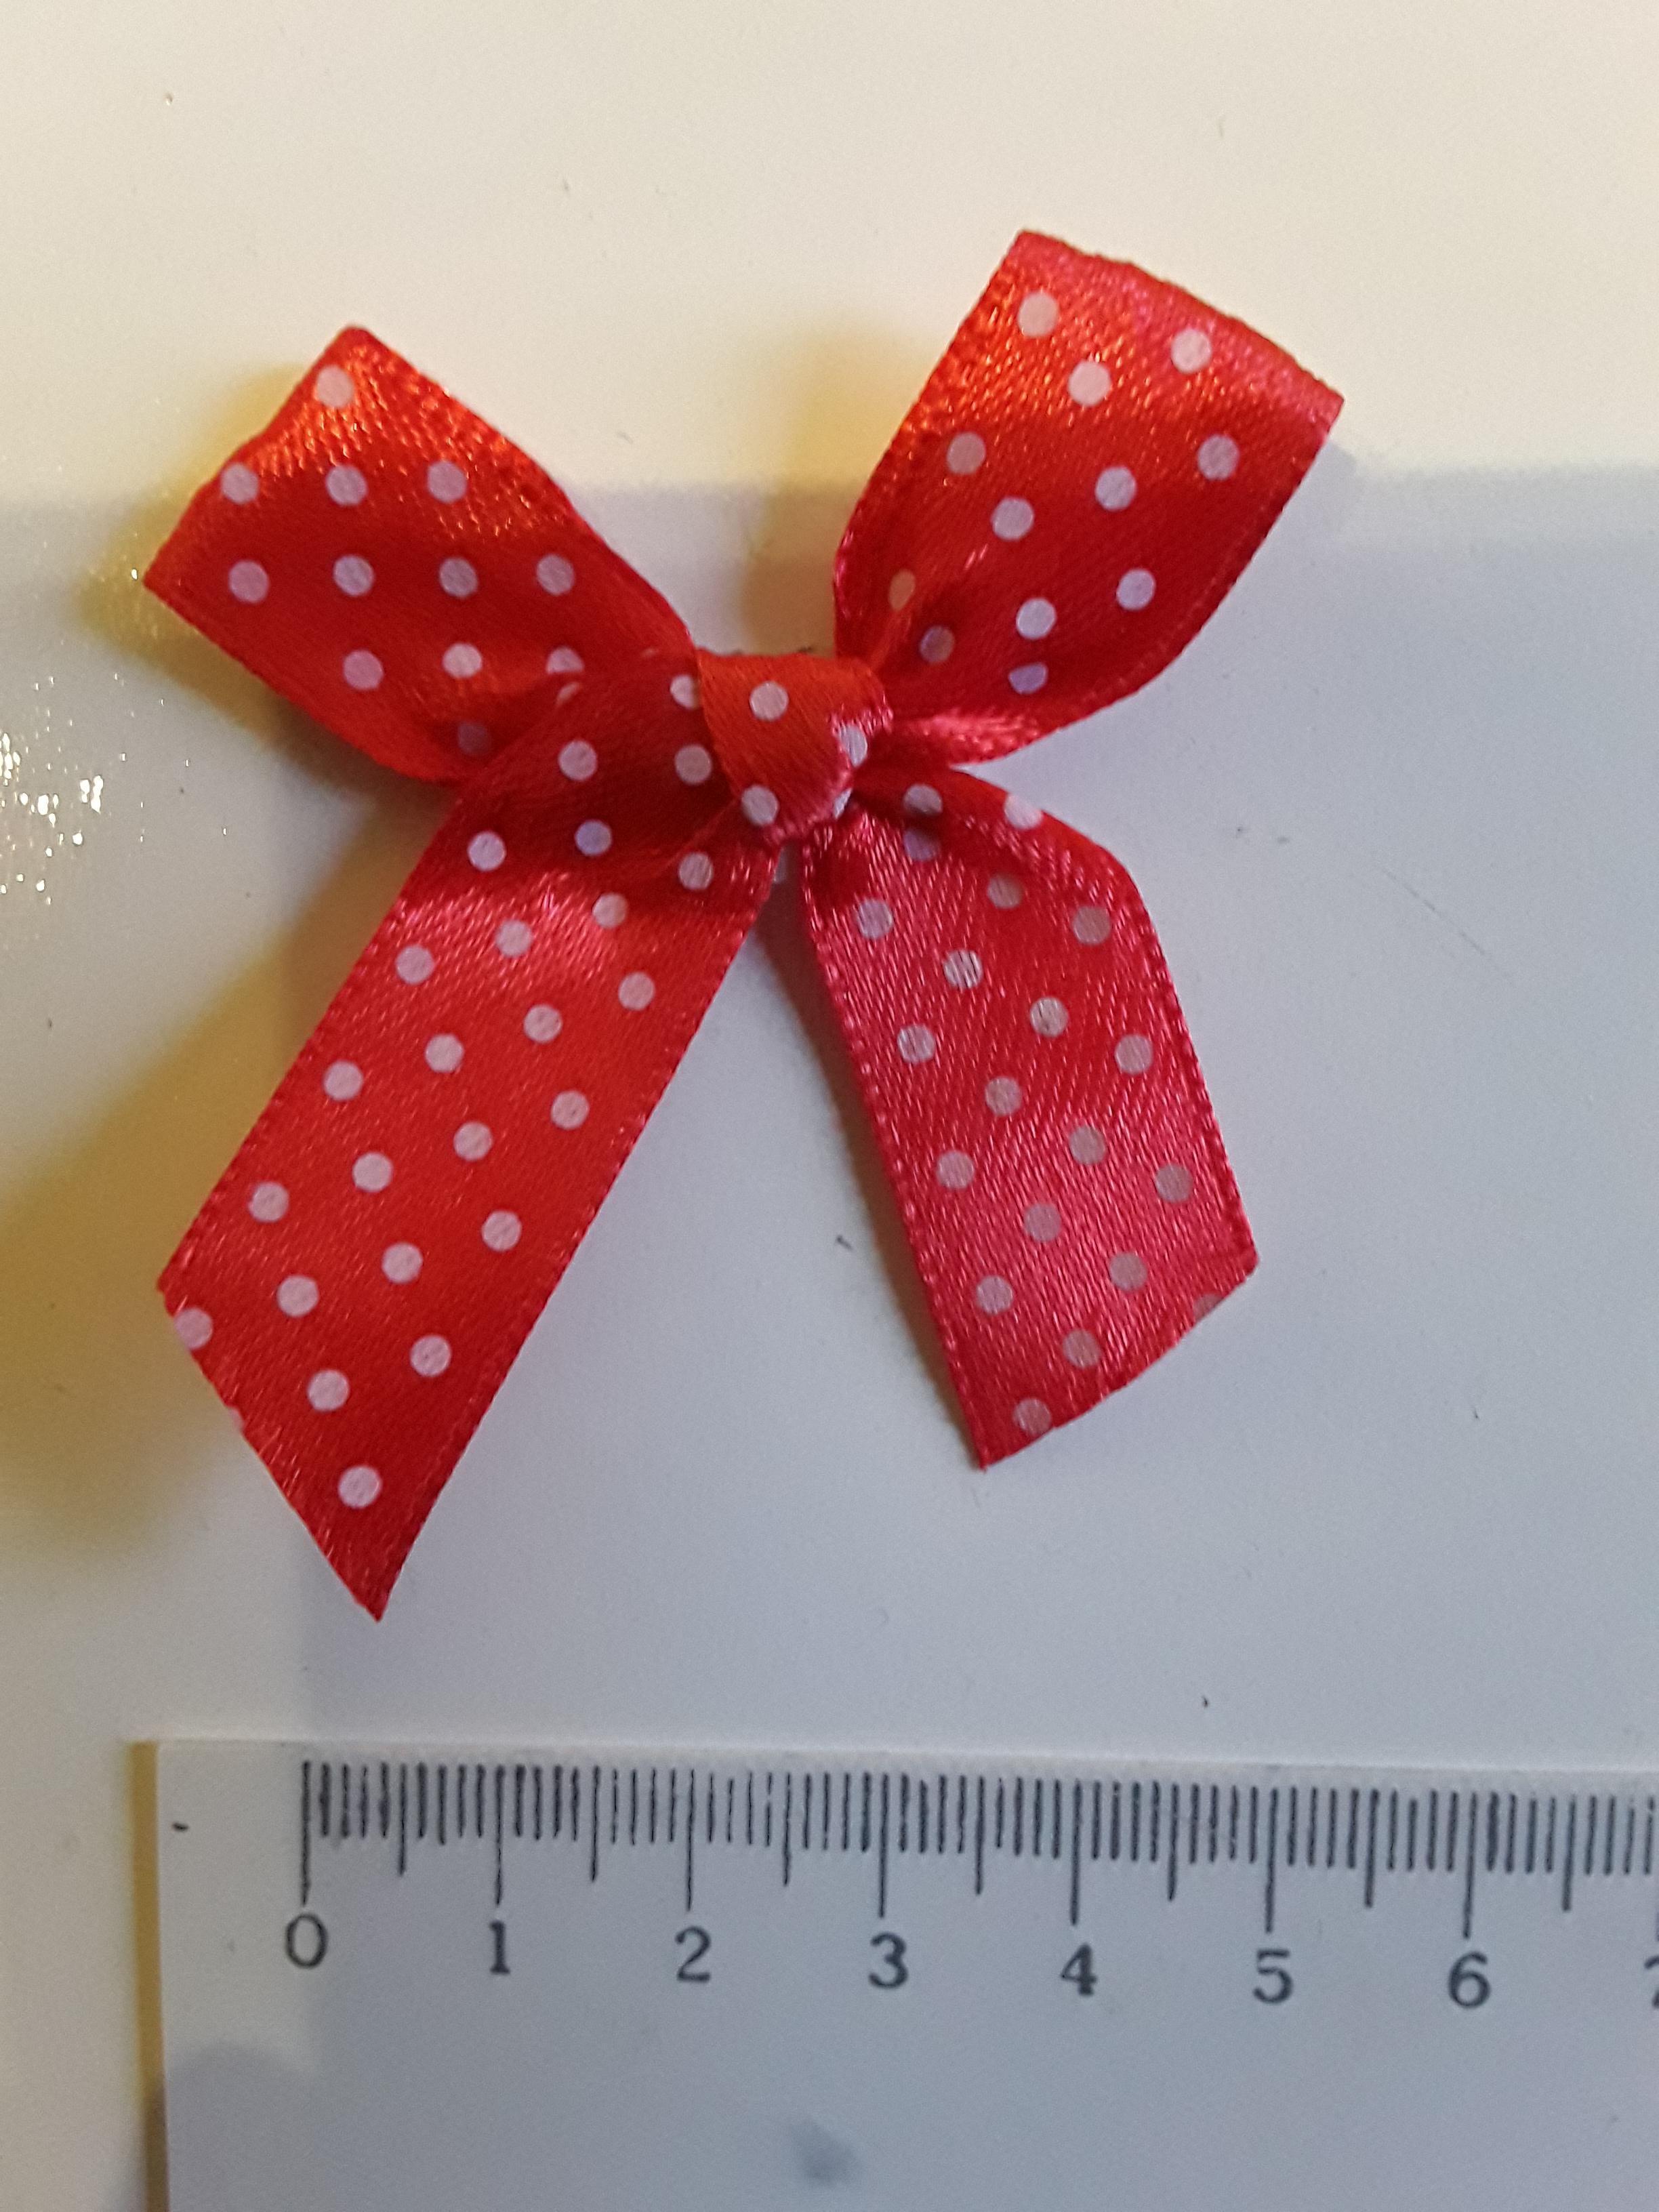 troc de troc petit noeud rouge en tissu image 0